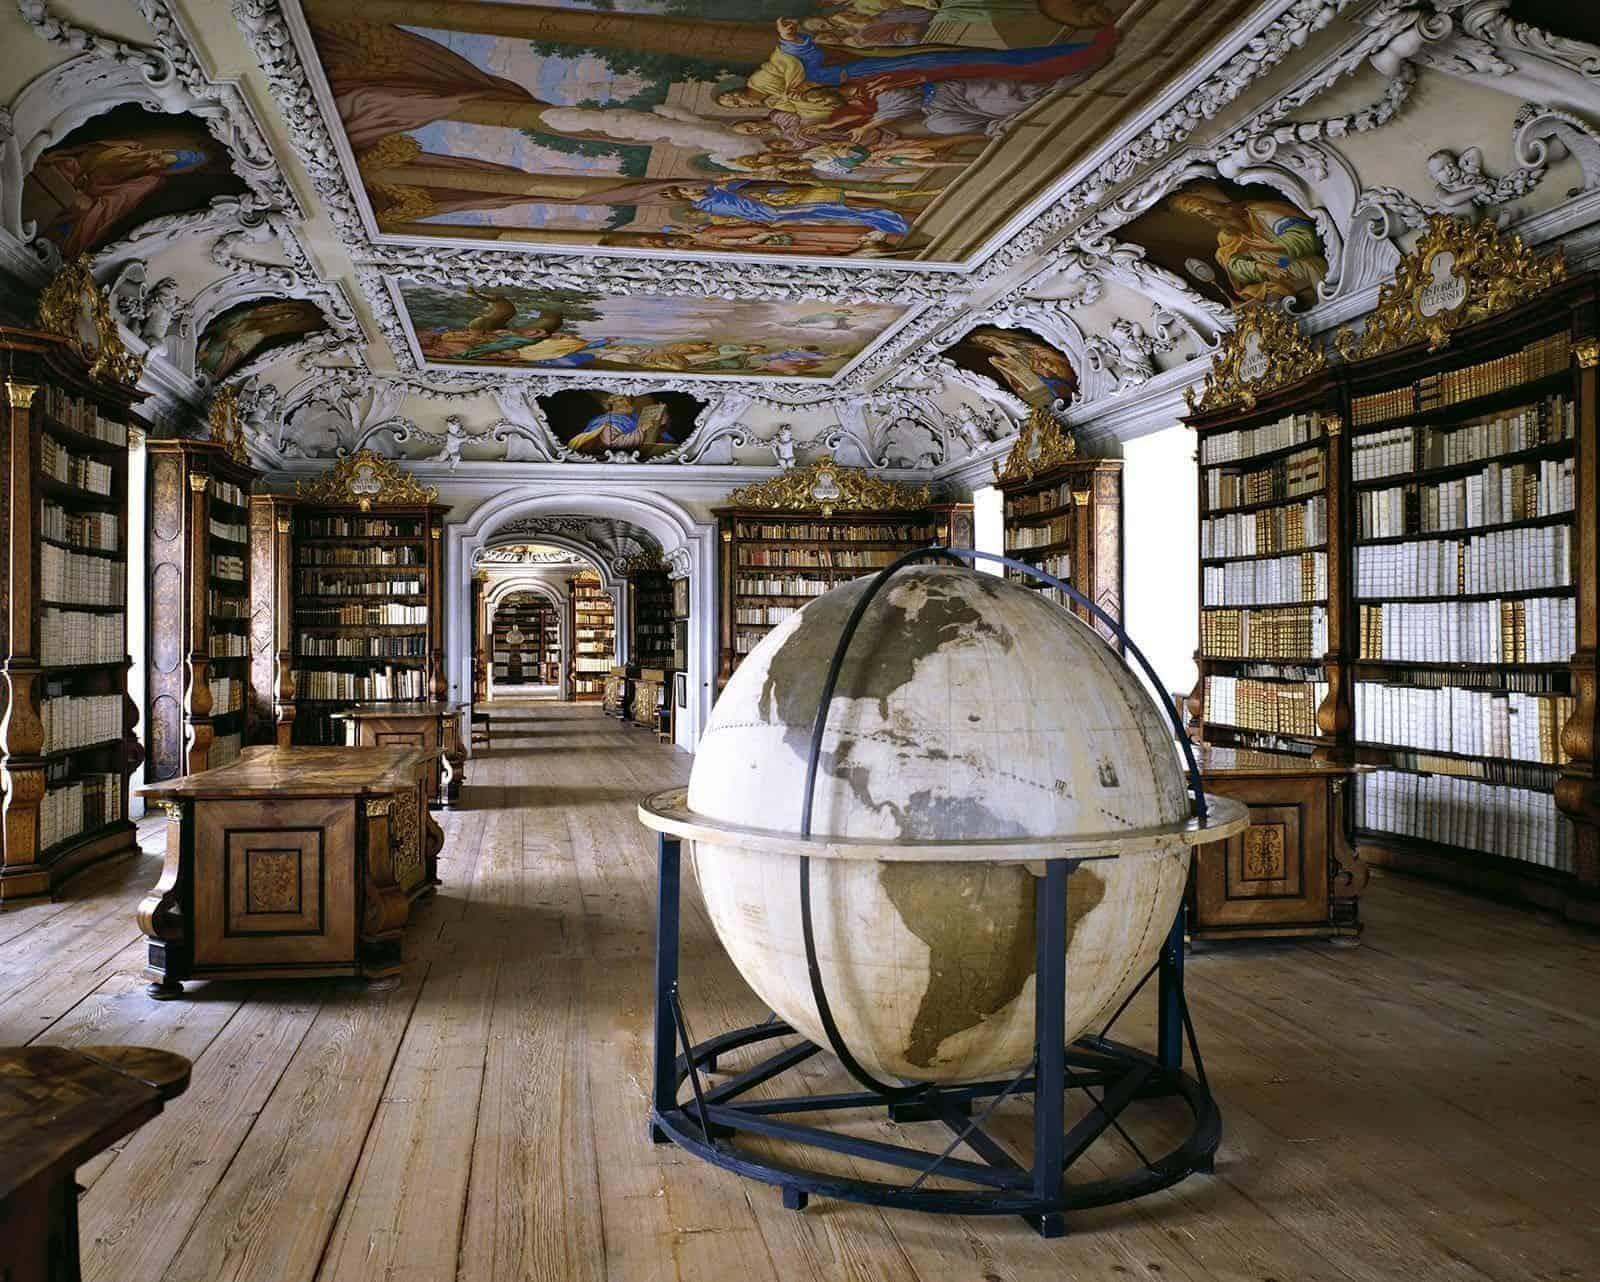 Massimo Listri Biblioteca Abbazia Kremsmunster 1600x1282